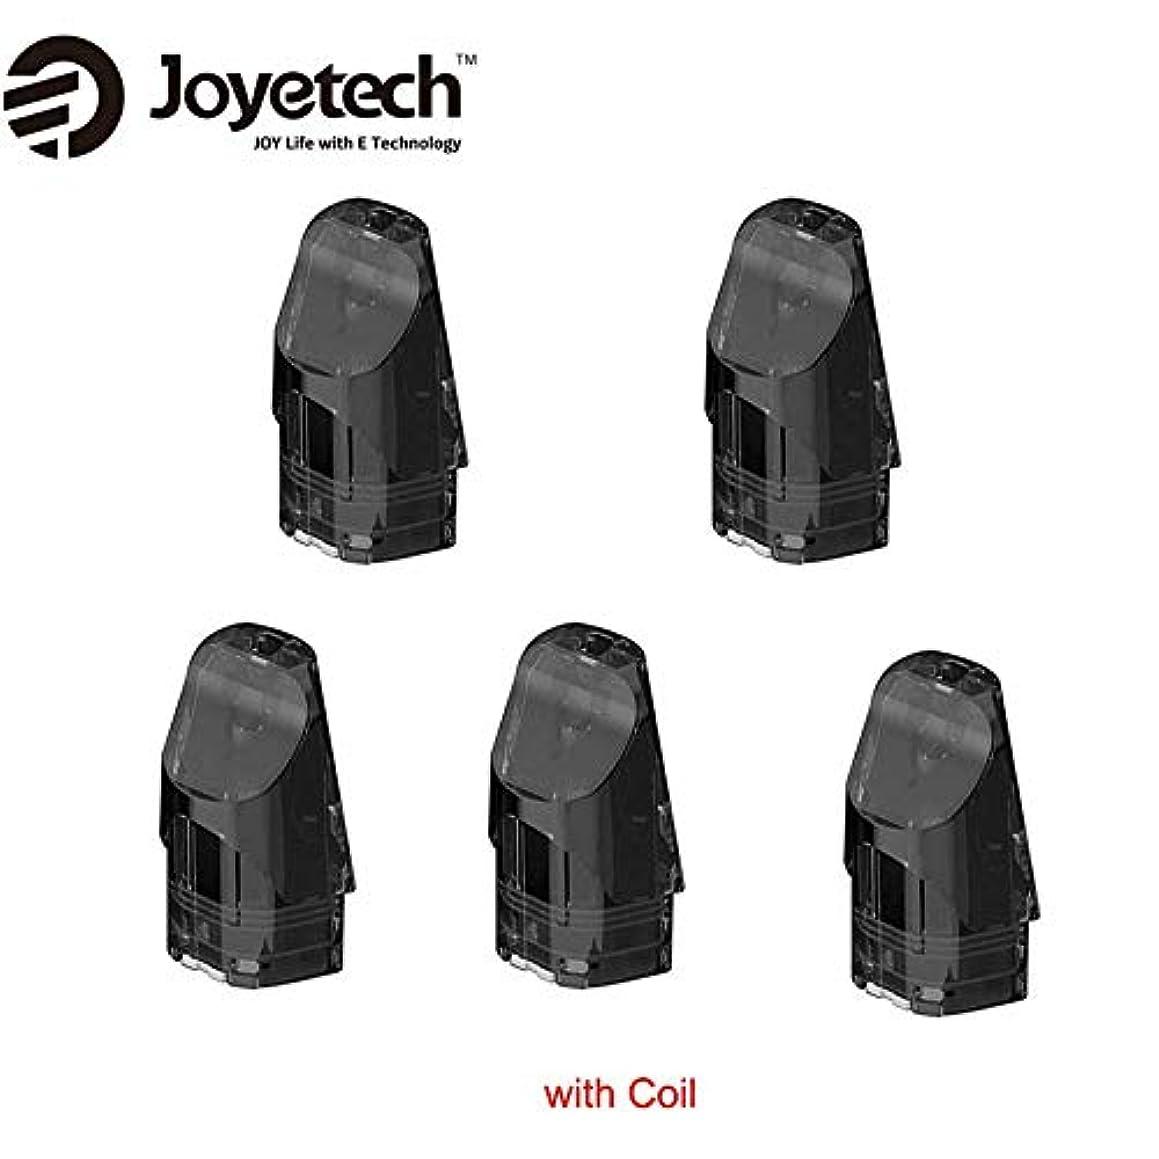 モートゲーム練習正規品Joyetech Exceed Edge Podカートリッジ 2ml 内蔵1.2ohmコイル 5個セット 1パック